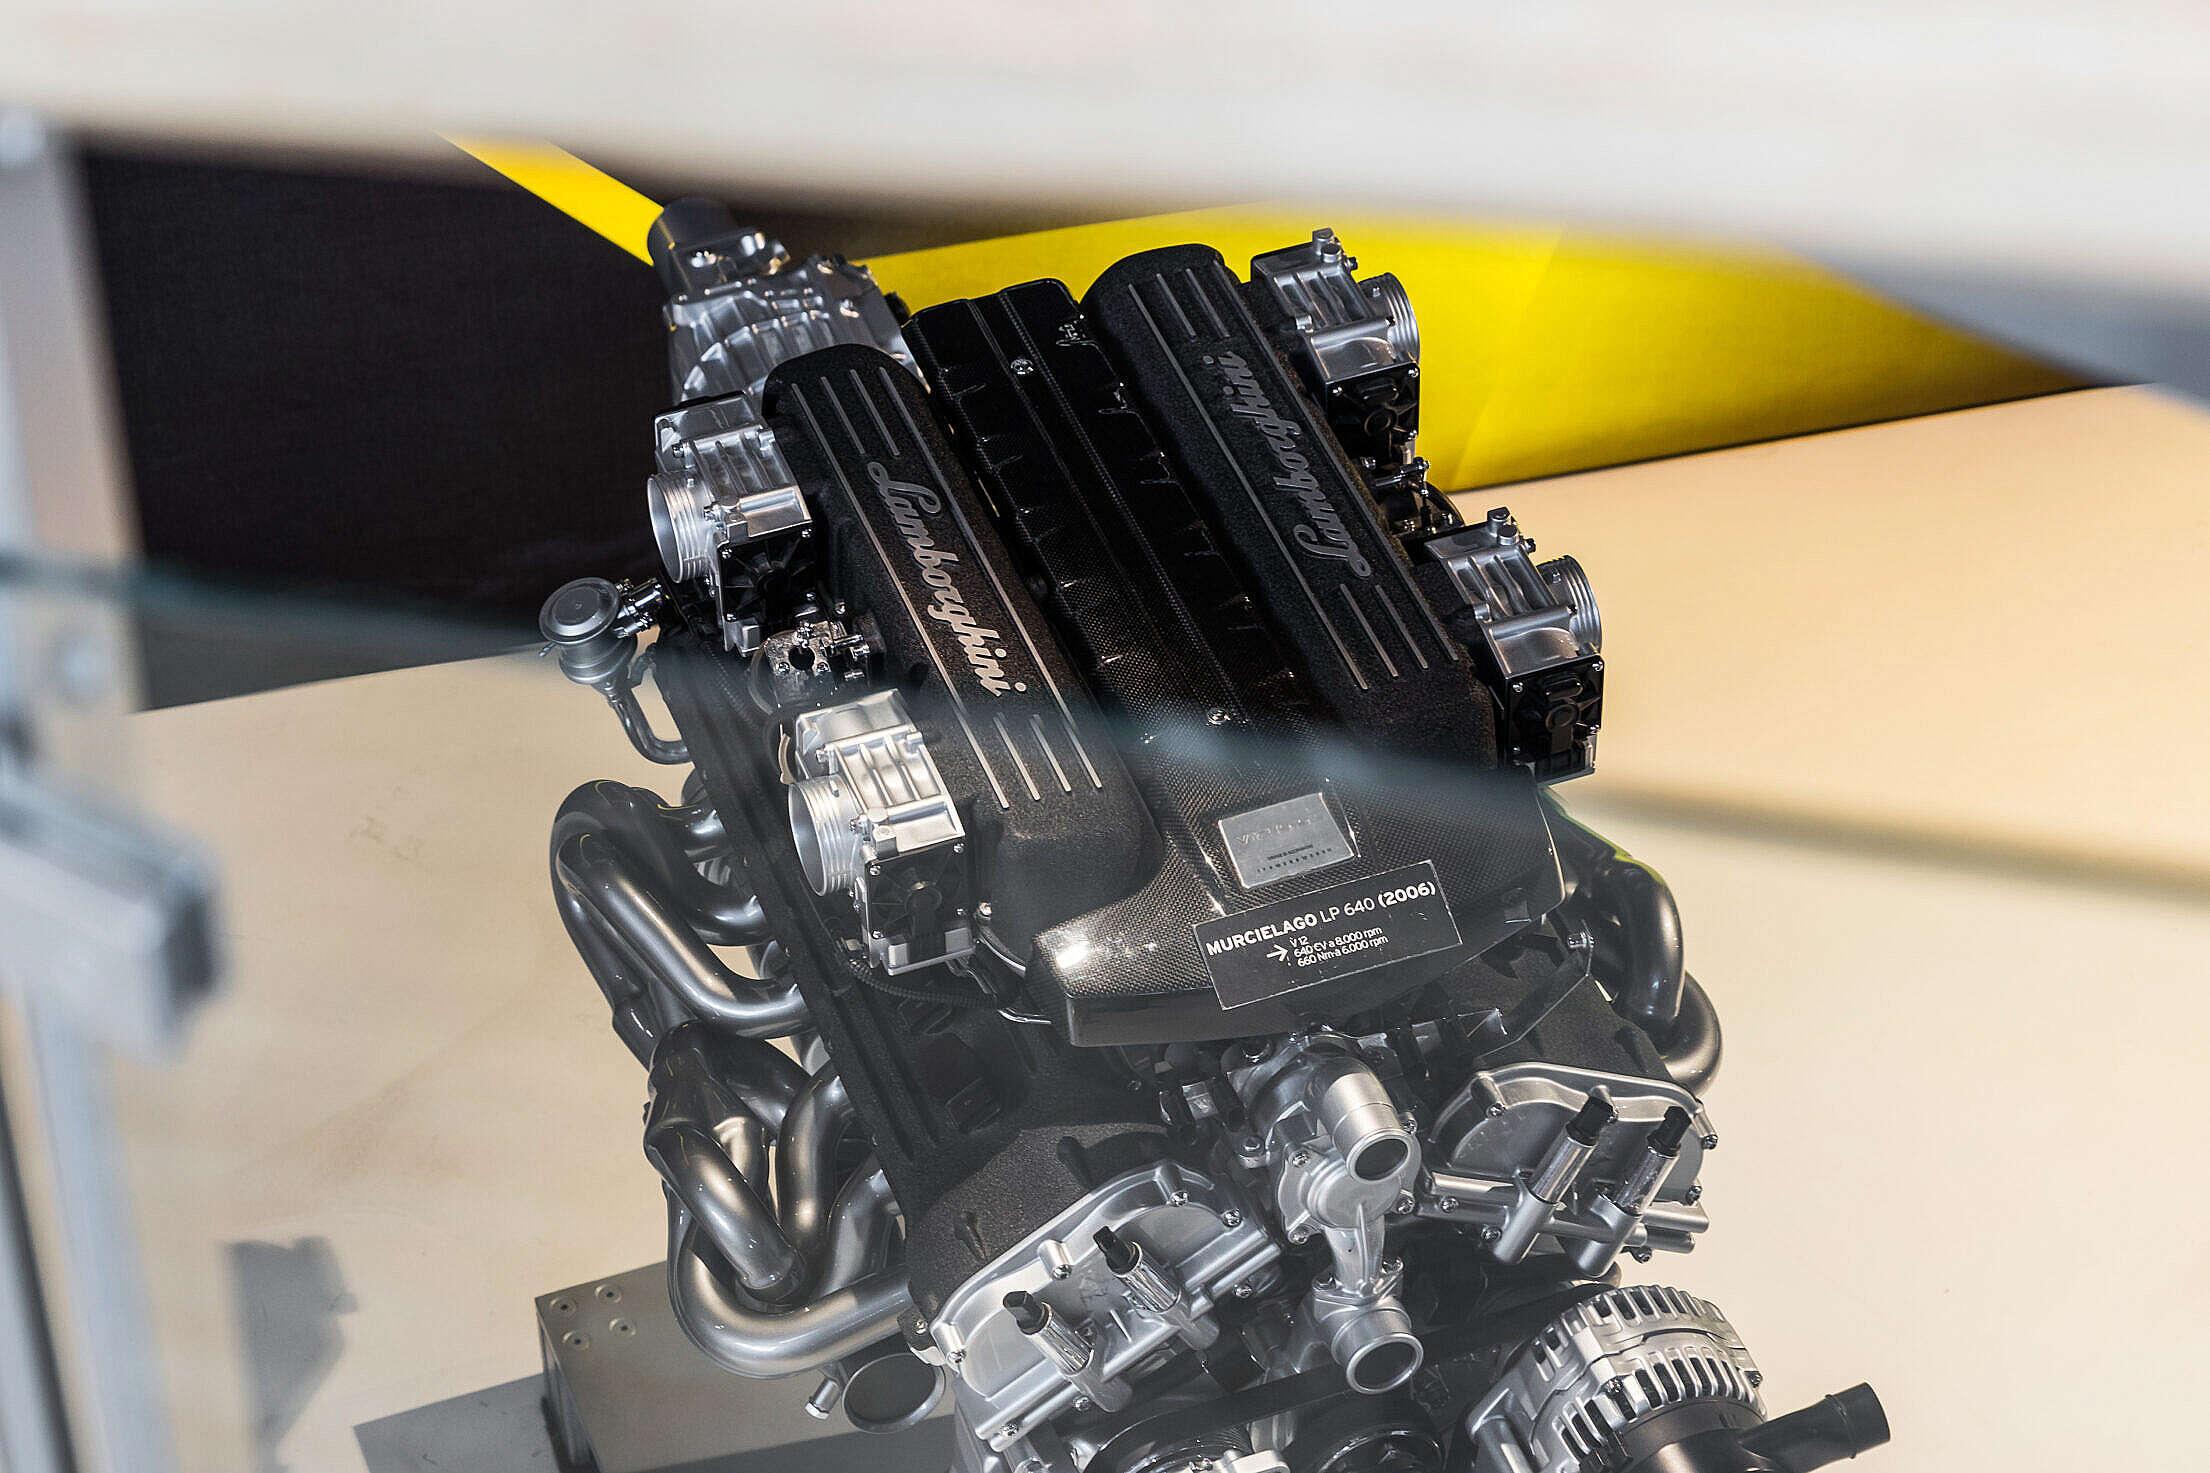 Lamborghini Murcielago Engine in Lamborghini Museum Free Stock Photo